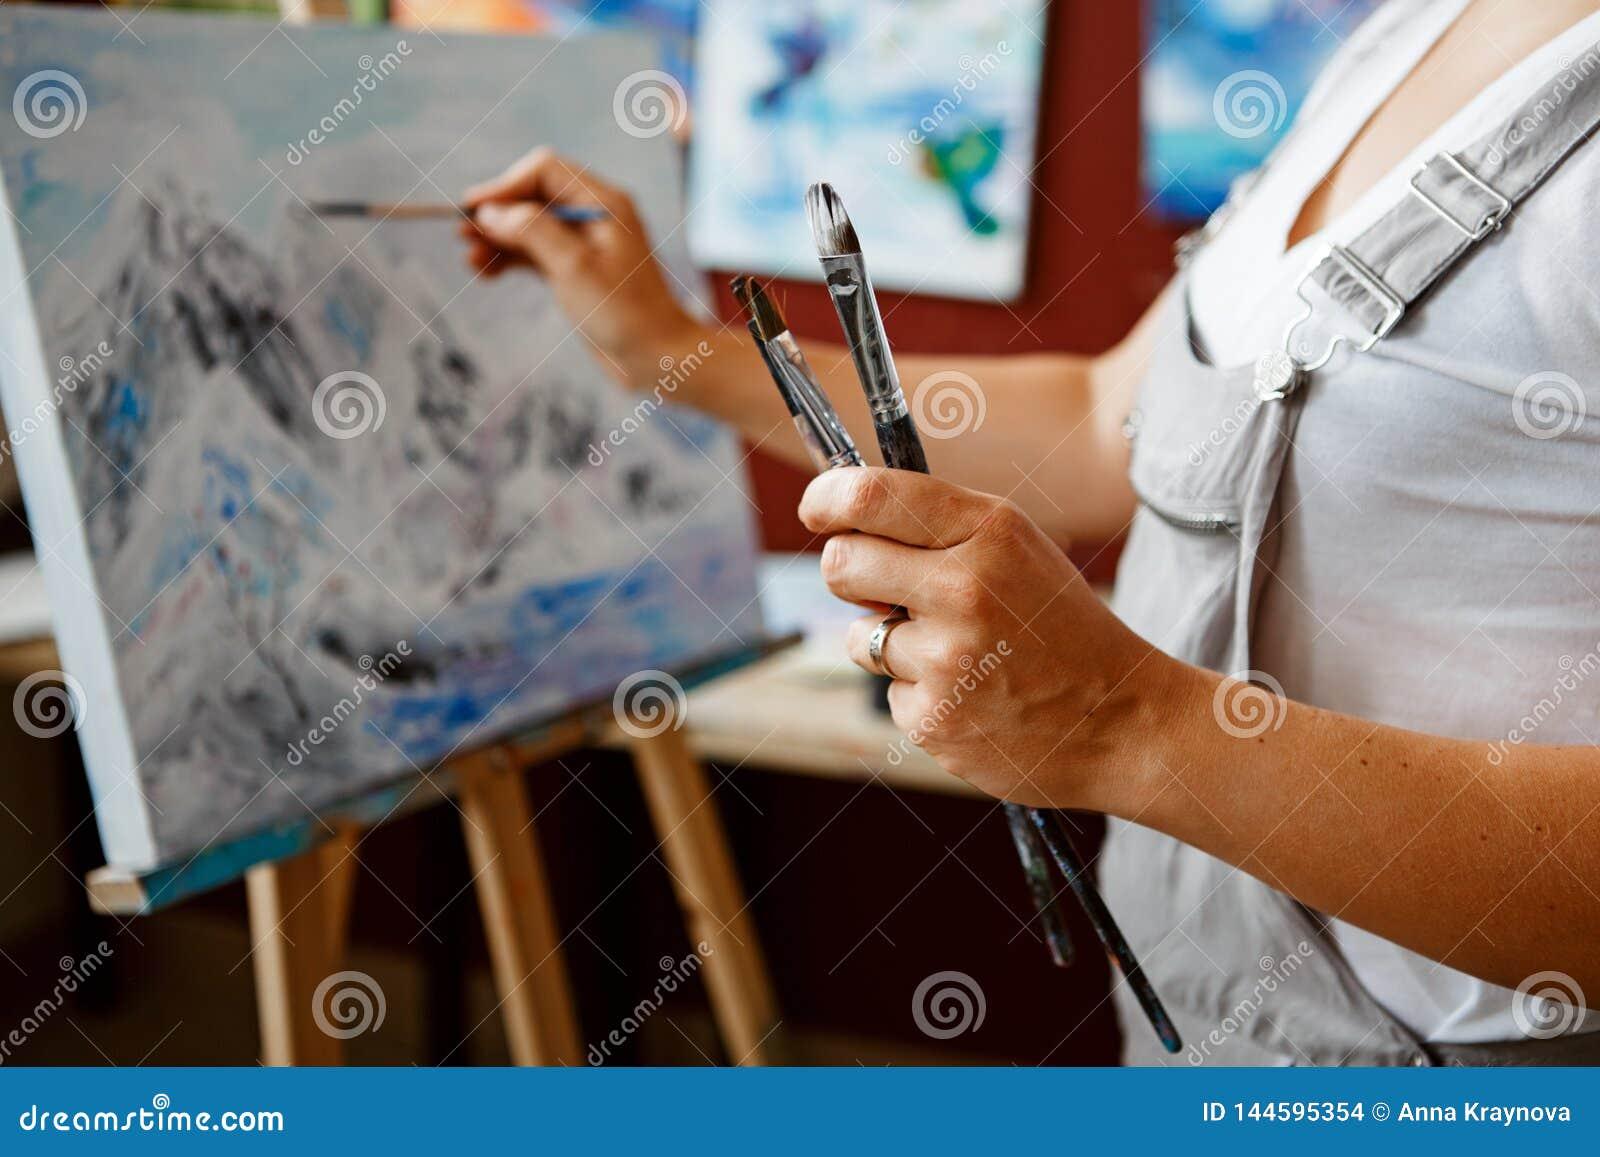 Zbli?enie m?odego pi?knego wiek ?redni kobiety bia?ego Kaukaskiego artysty rysunkowy obraz z akrylowymi farbami na kanwie